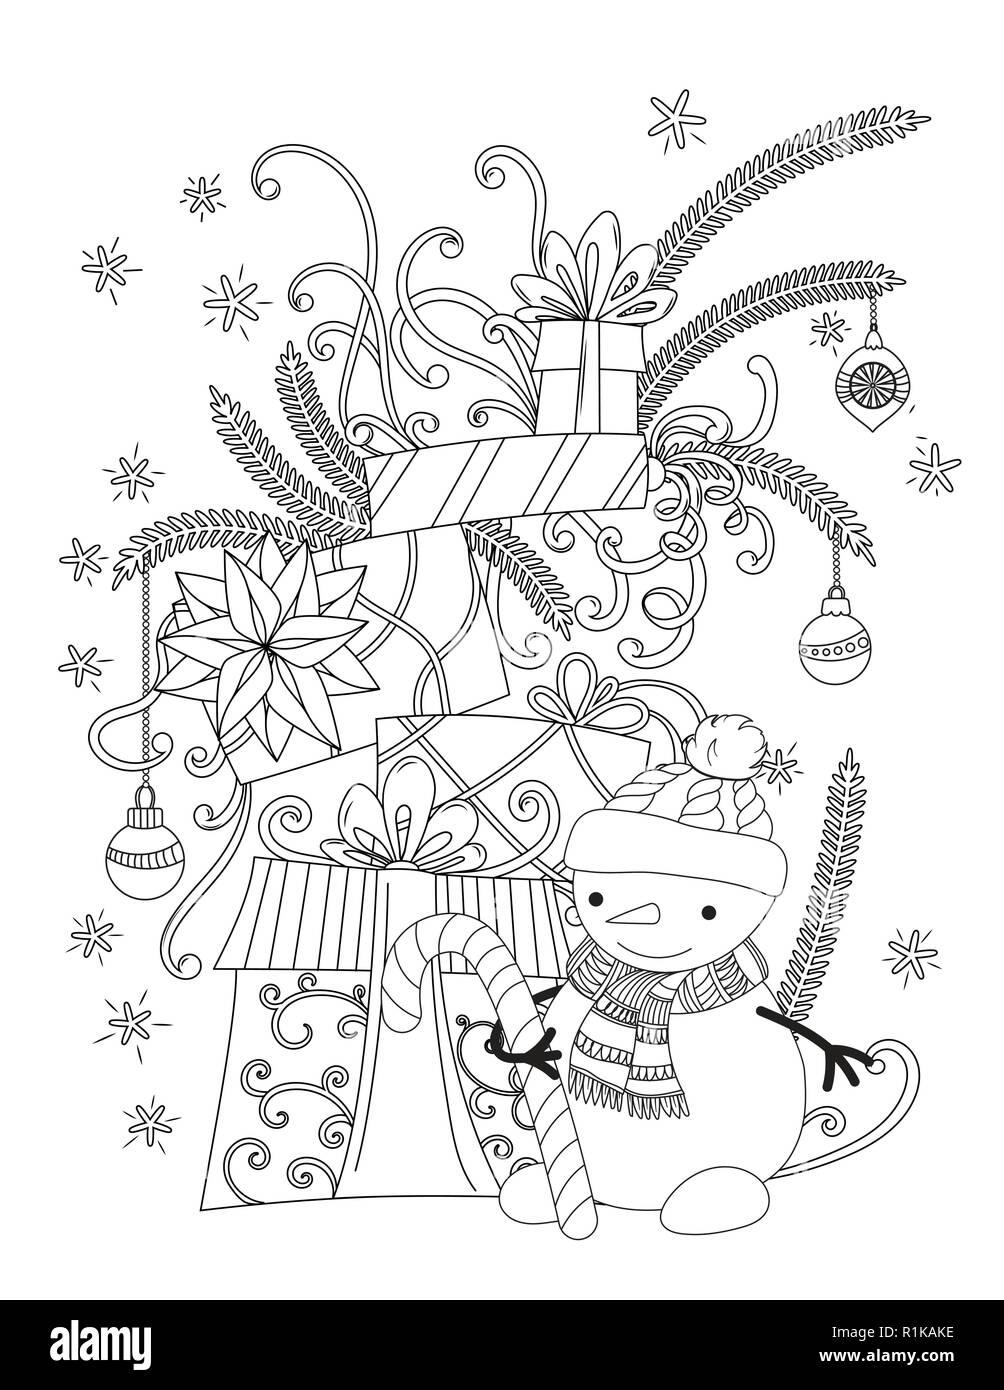 Natale Pagina Da Colorare Per Bambini E Adulti Carino